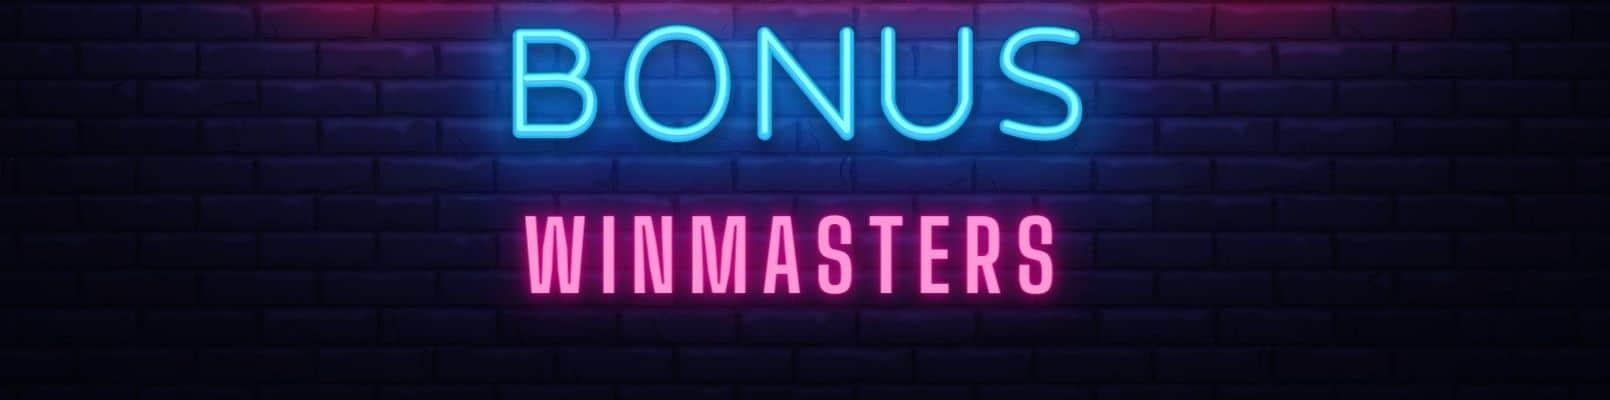 bonus winmasters pariuri sportive